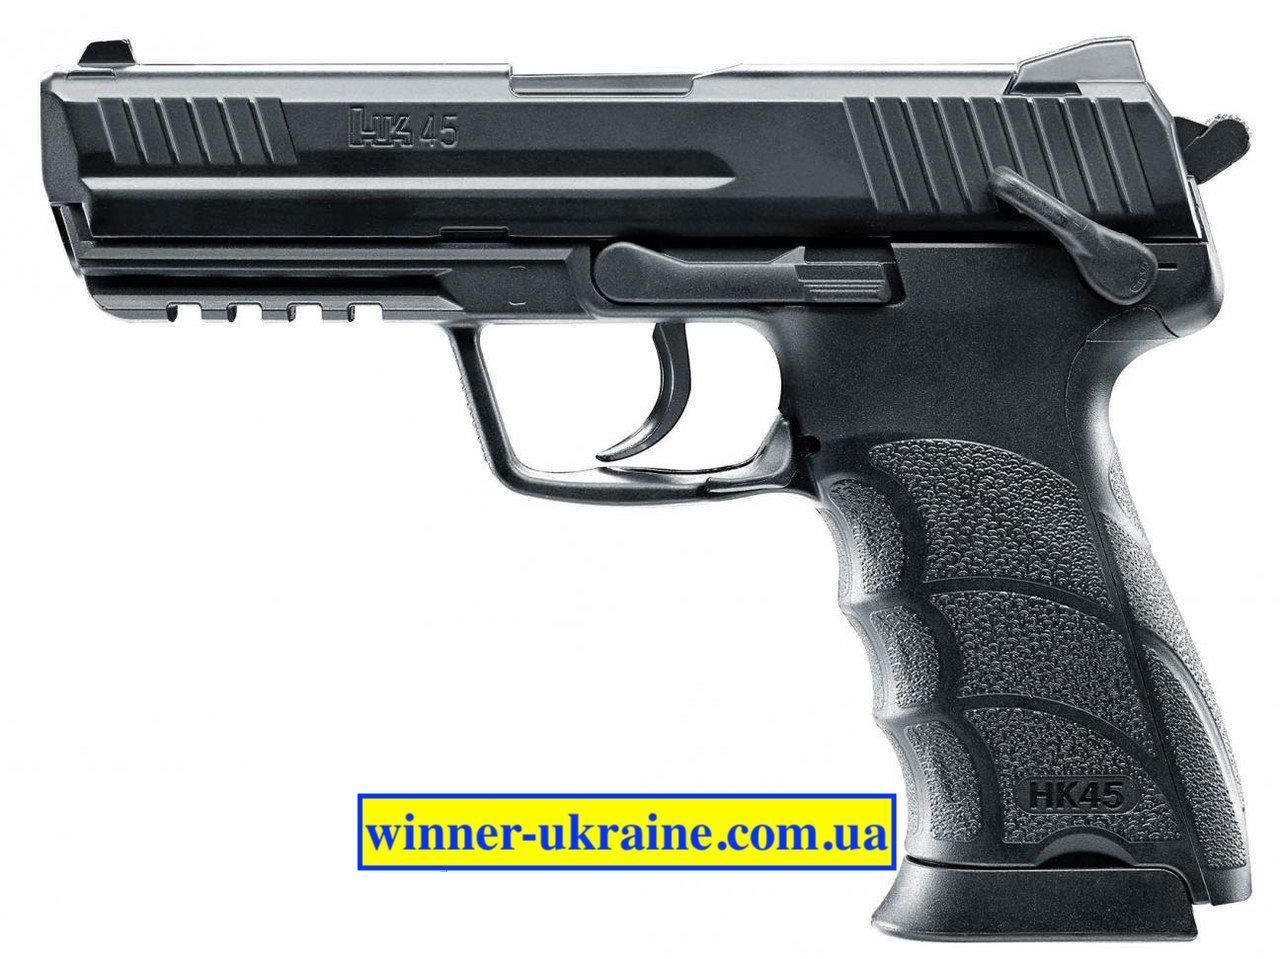 Пневматичний пістолет Umarex Heckler & Koch HK45